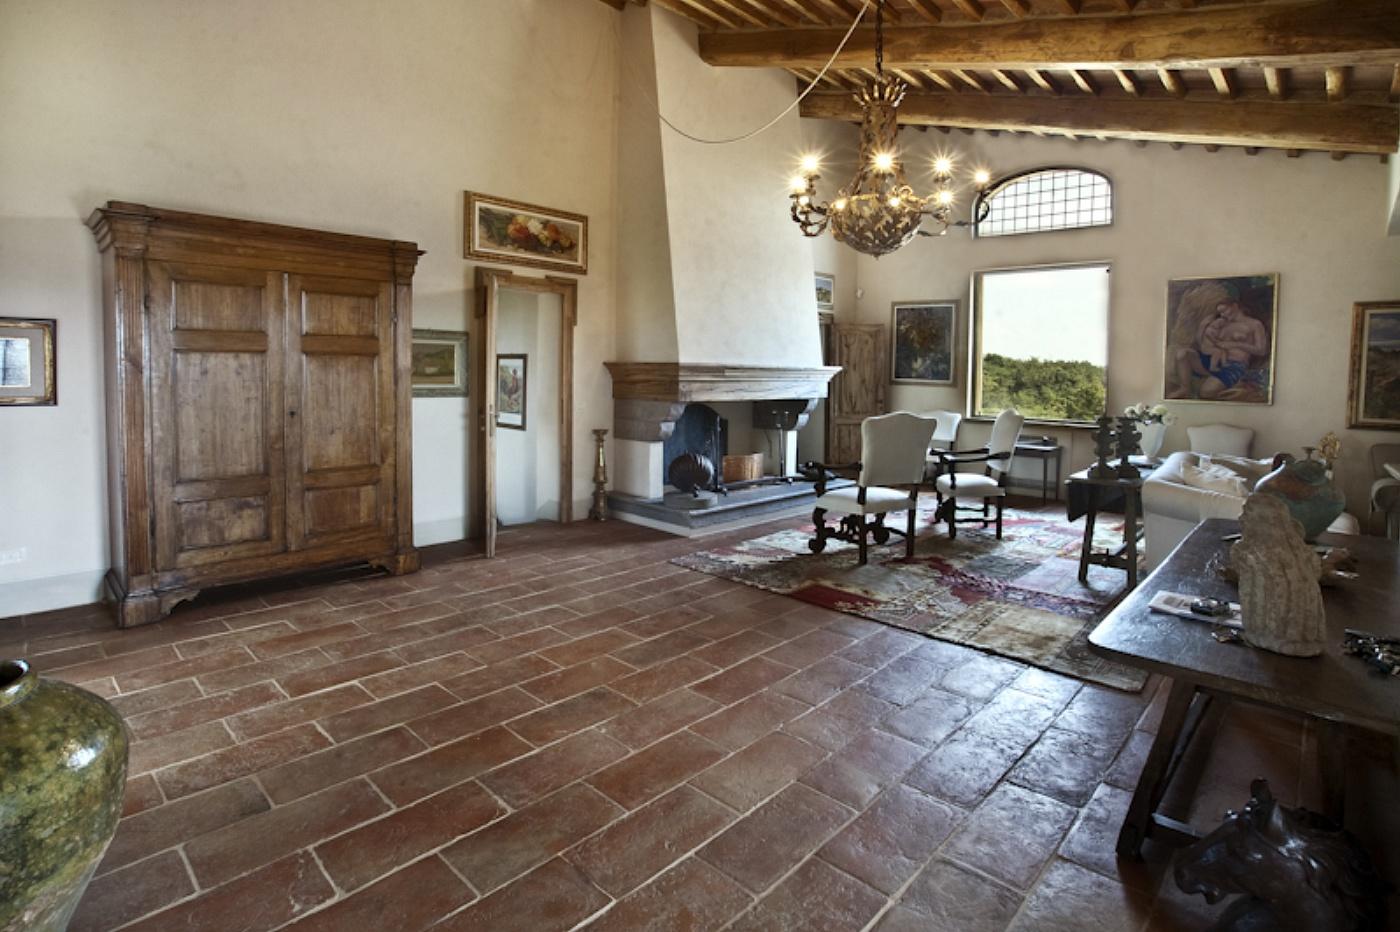 Cristiani pavimenti in legno simple pavimento in cotto for Cristiani parquet